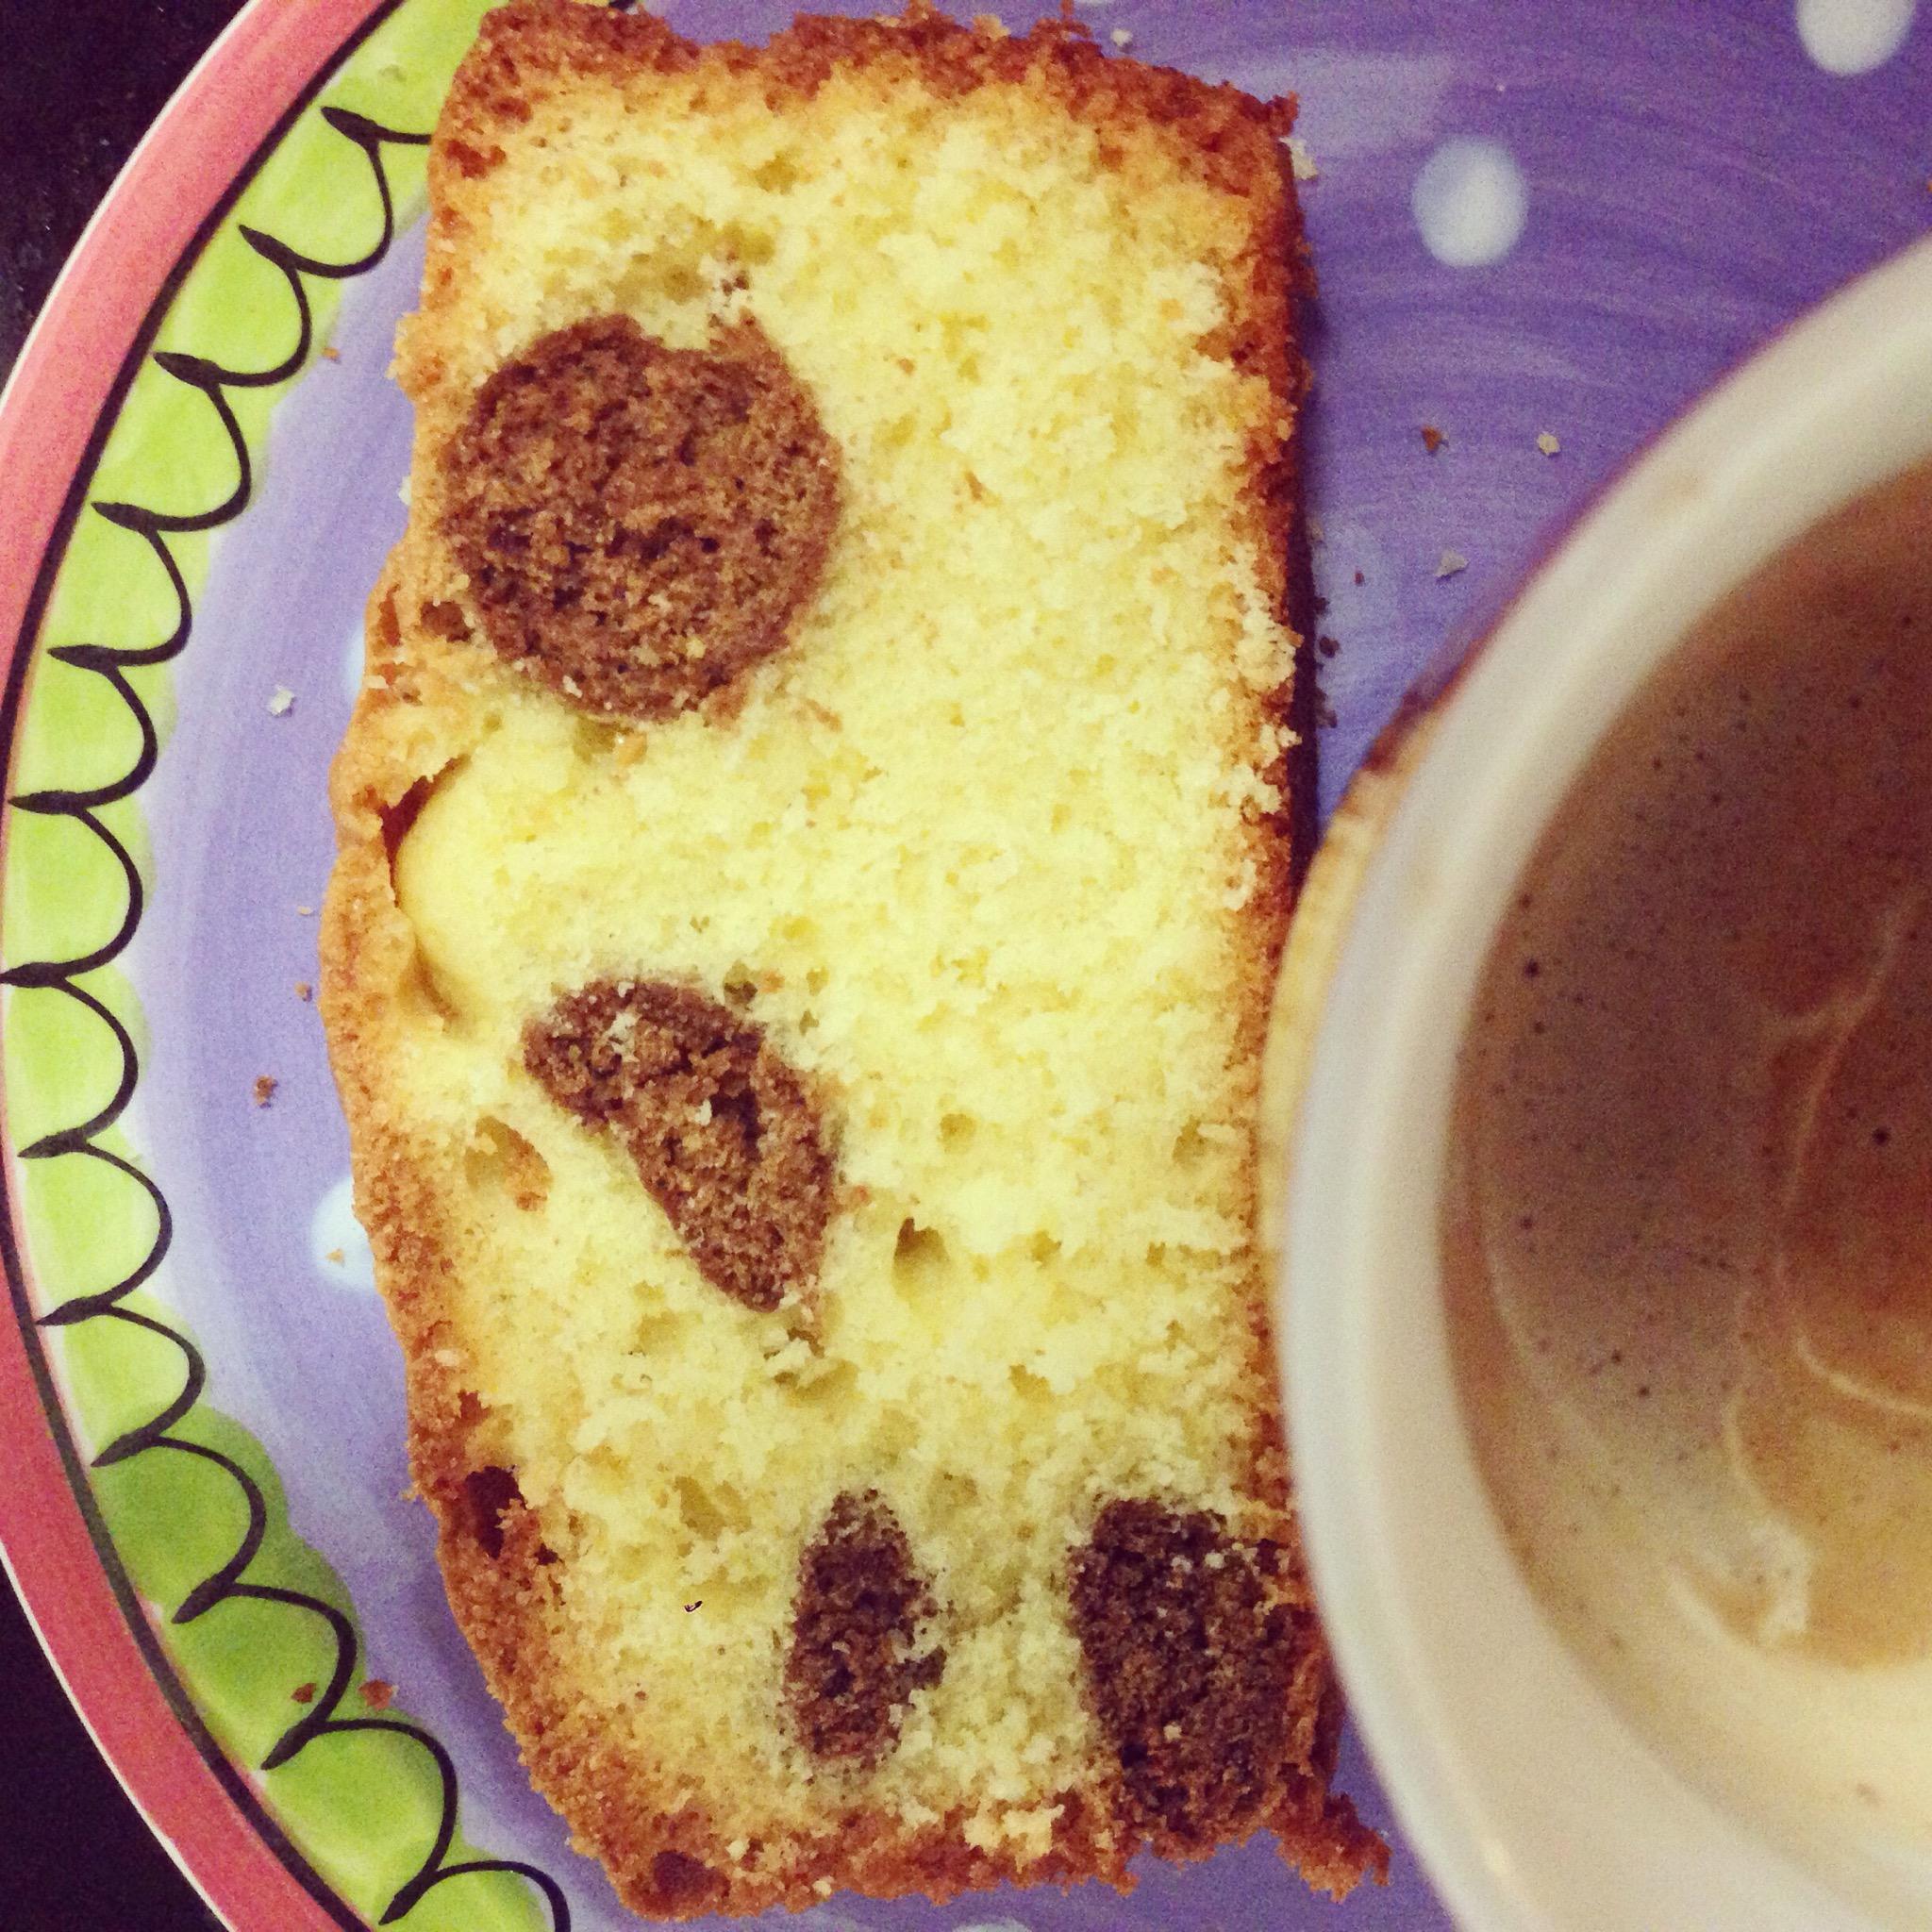 Eva en ik maakten pepernotencake voor Floris zijn verjaardag. Was lekker!